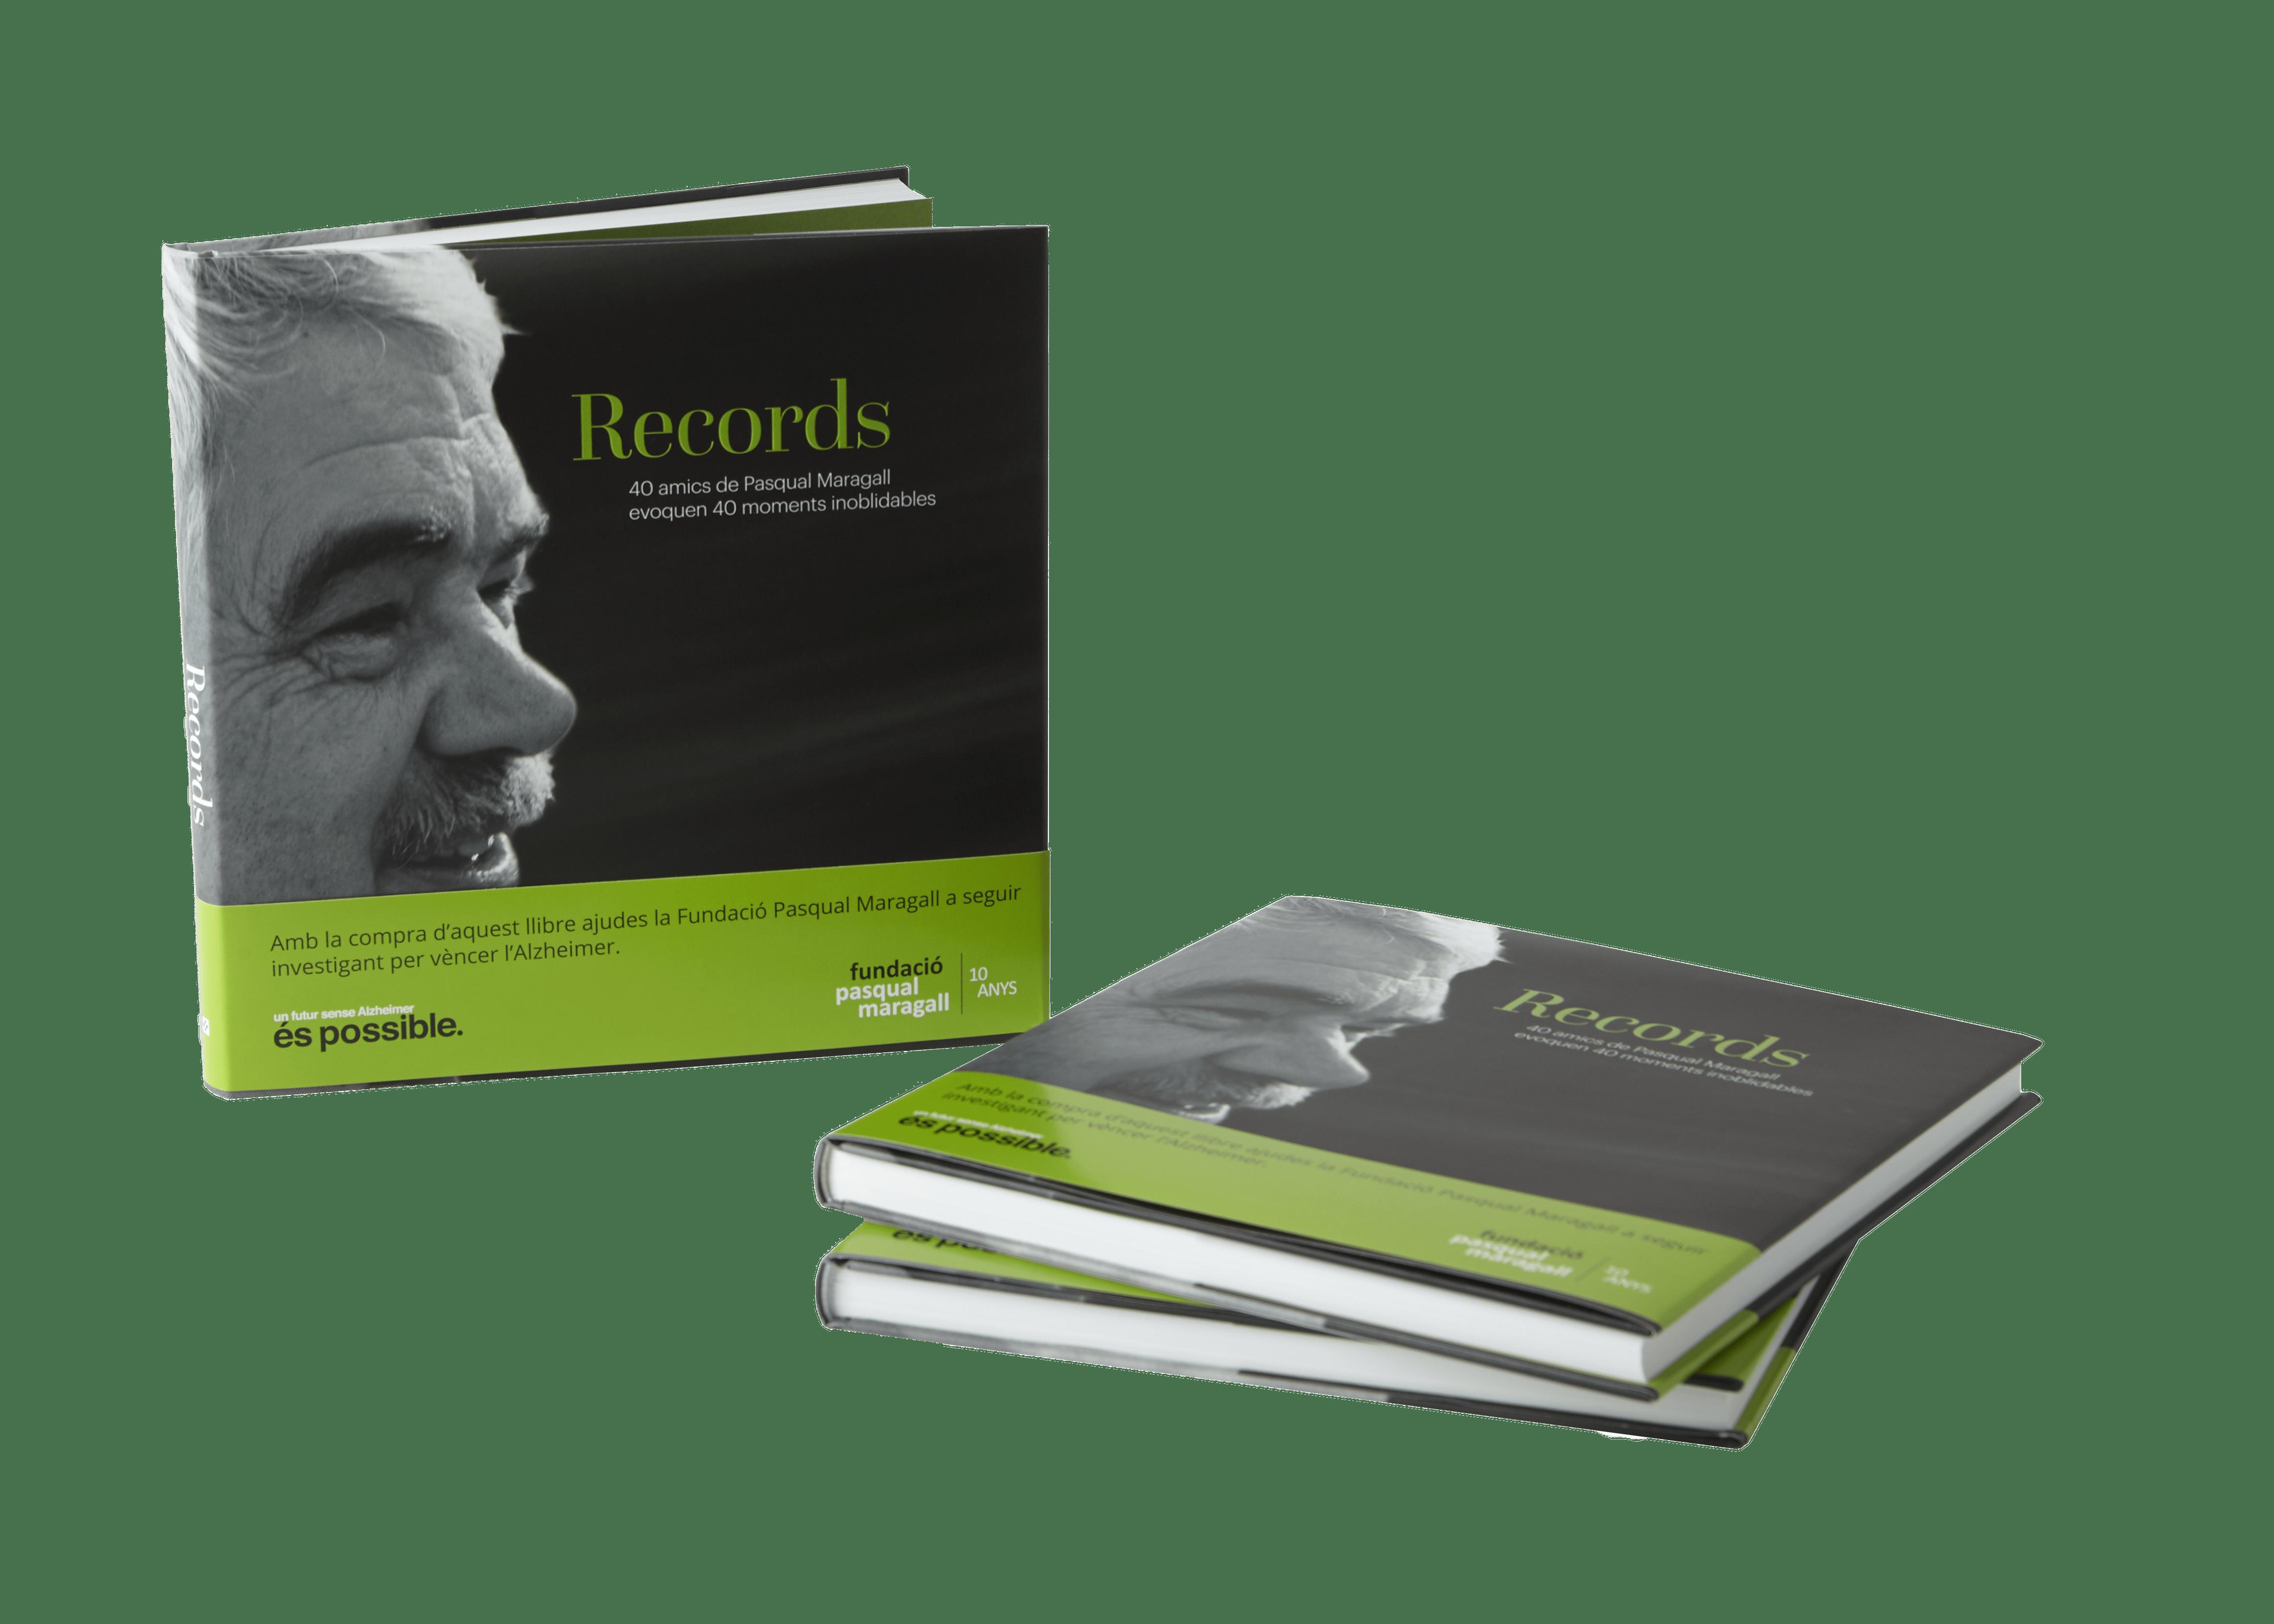 Presentació del llibre Records a l'Ateneu de Banyoles